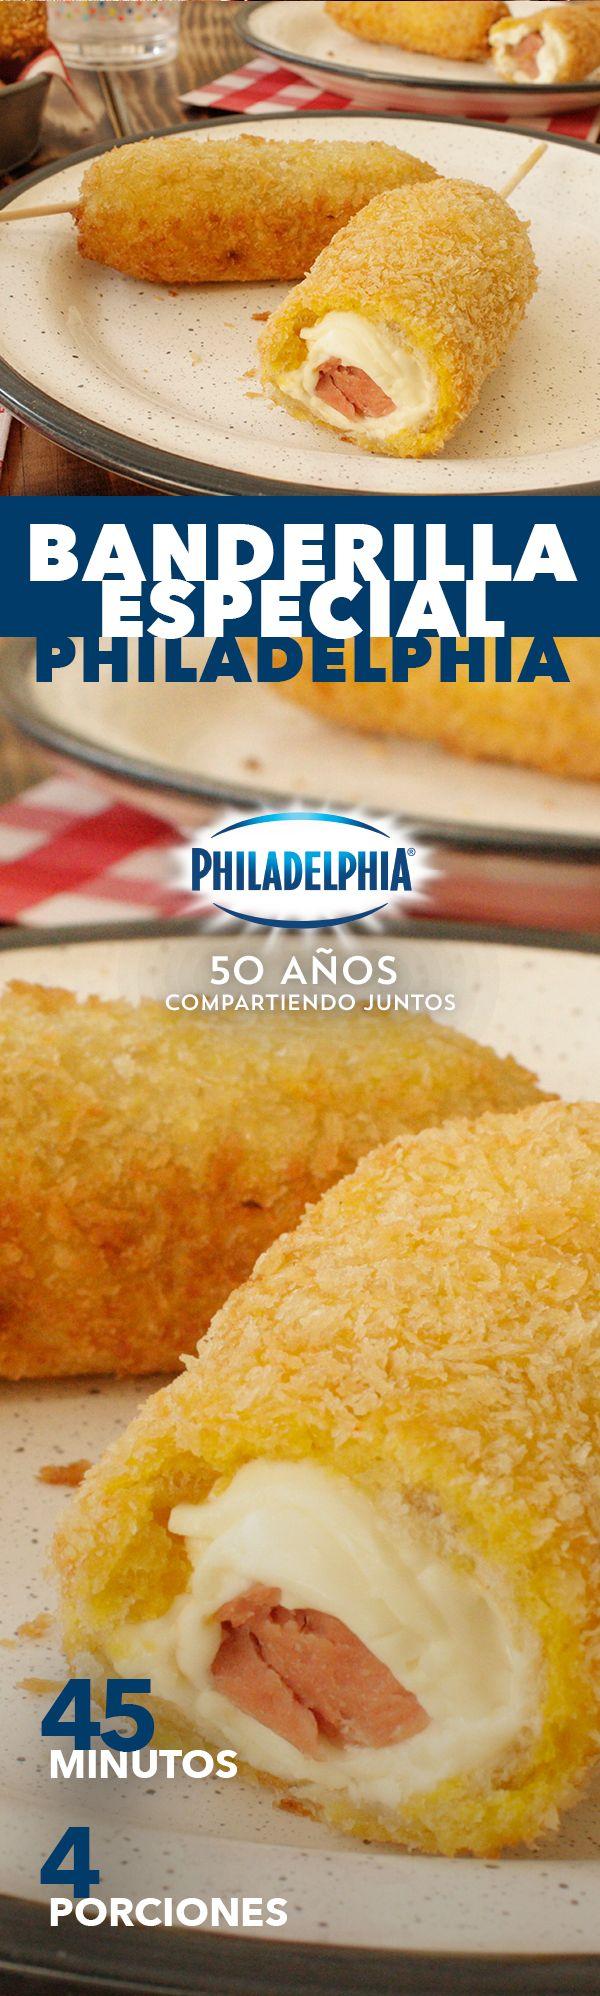 Lo sabemos, tus peques siempre te piden recetas divertidas. Sorpréndelos con esta Banderilla especial Philadelphia.   #recetas #receta #quesophiladelphia #philadelphia #quesocrema #queso #comida #cocinar #cocinamexicana #recetasfáciles #recetasPhiladelphia #recetasdecocina #comer #salchicha #banderilla #recetasniños #antojos #recetabanderilla #recetasniños #salchichas #capear #familia